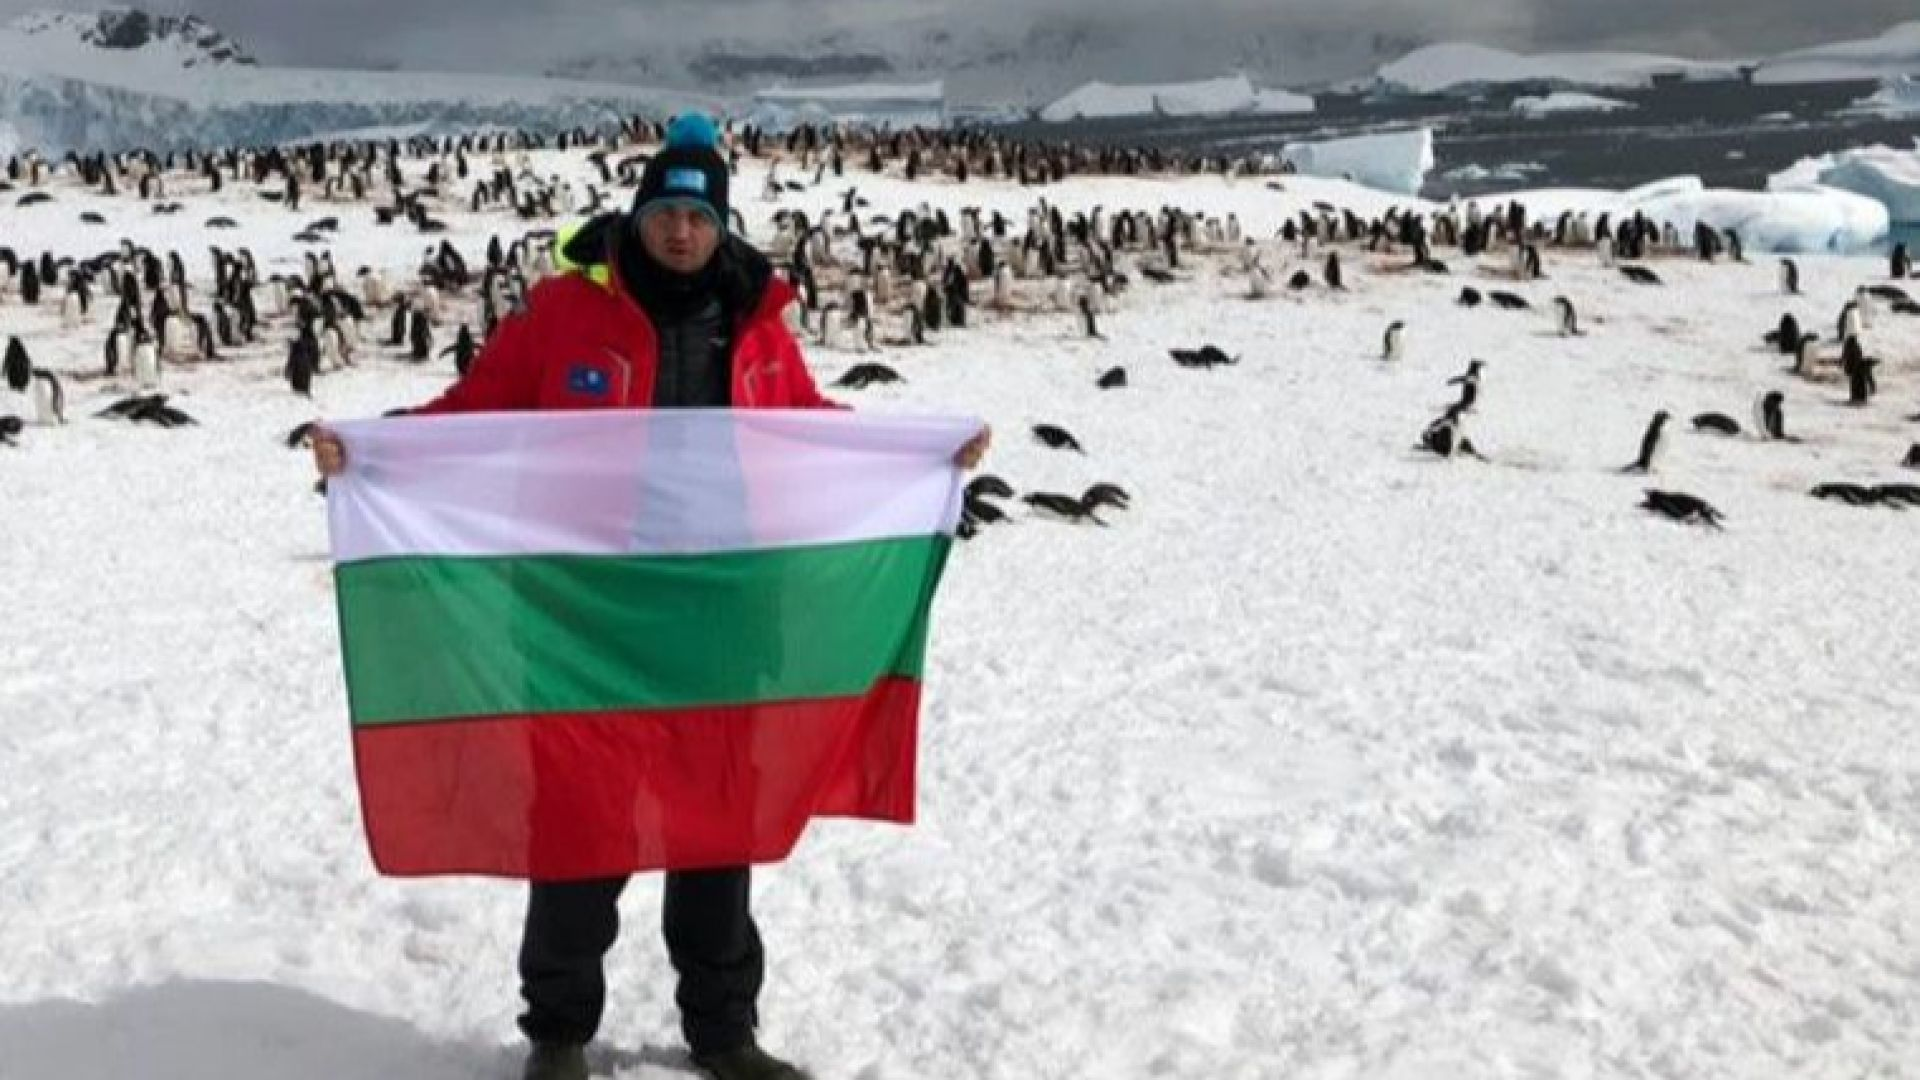 Петър Стойчев разказа за уникалното ледено изпитание